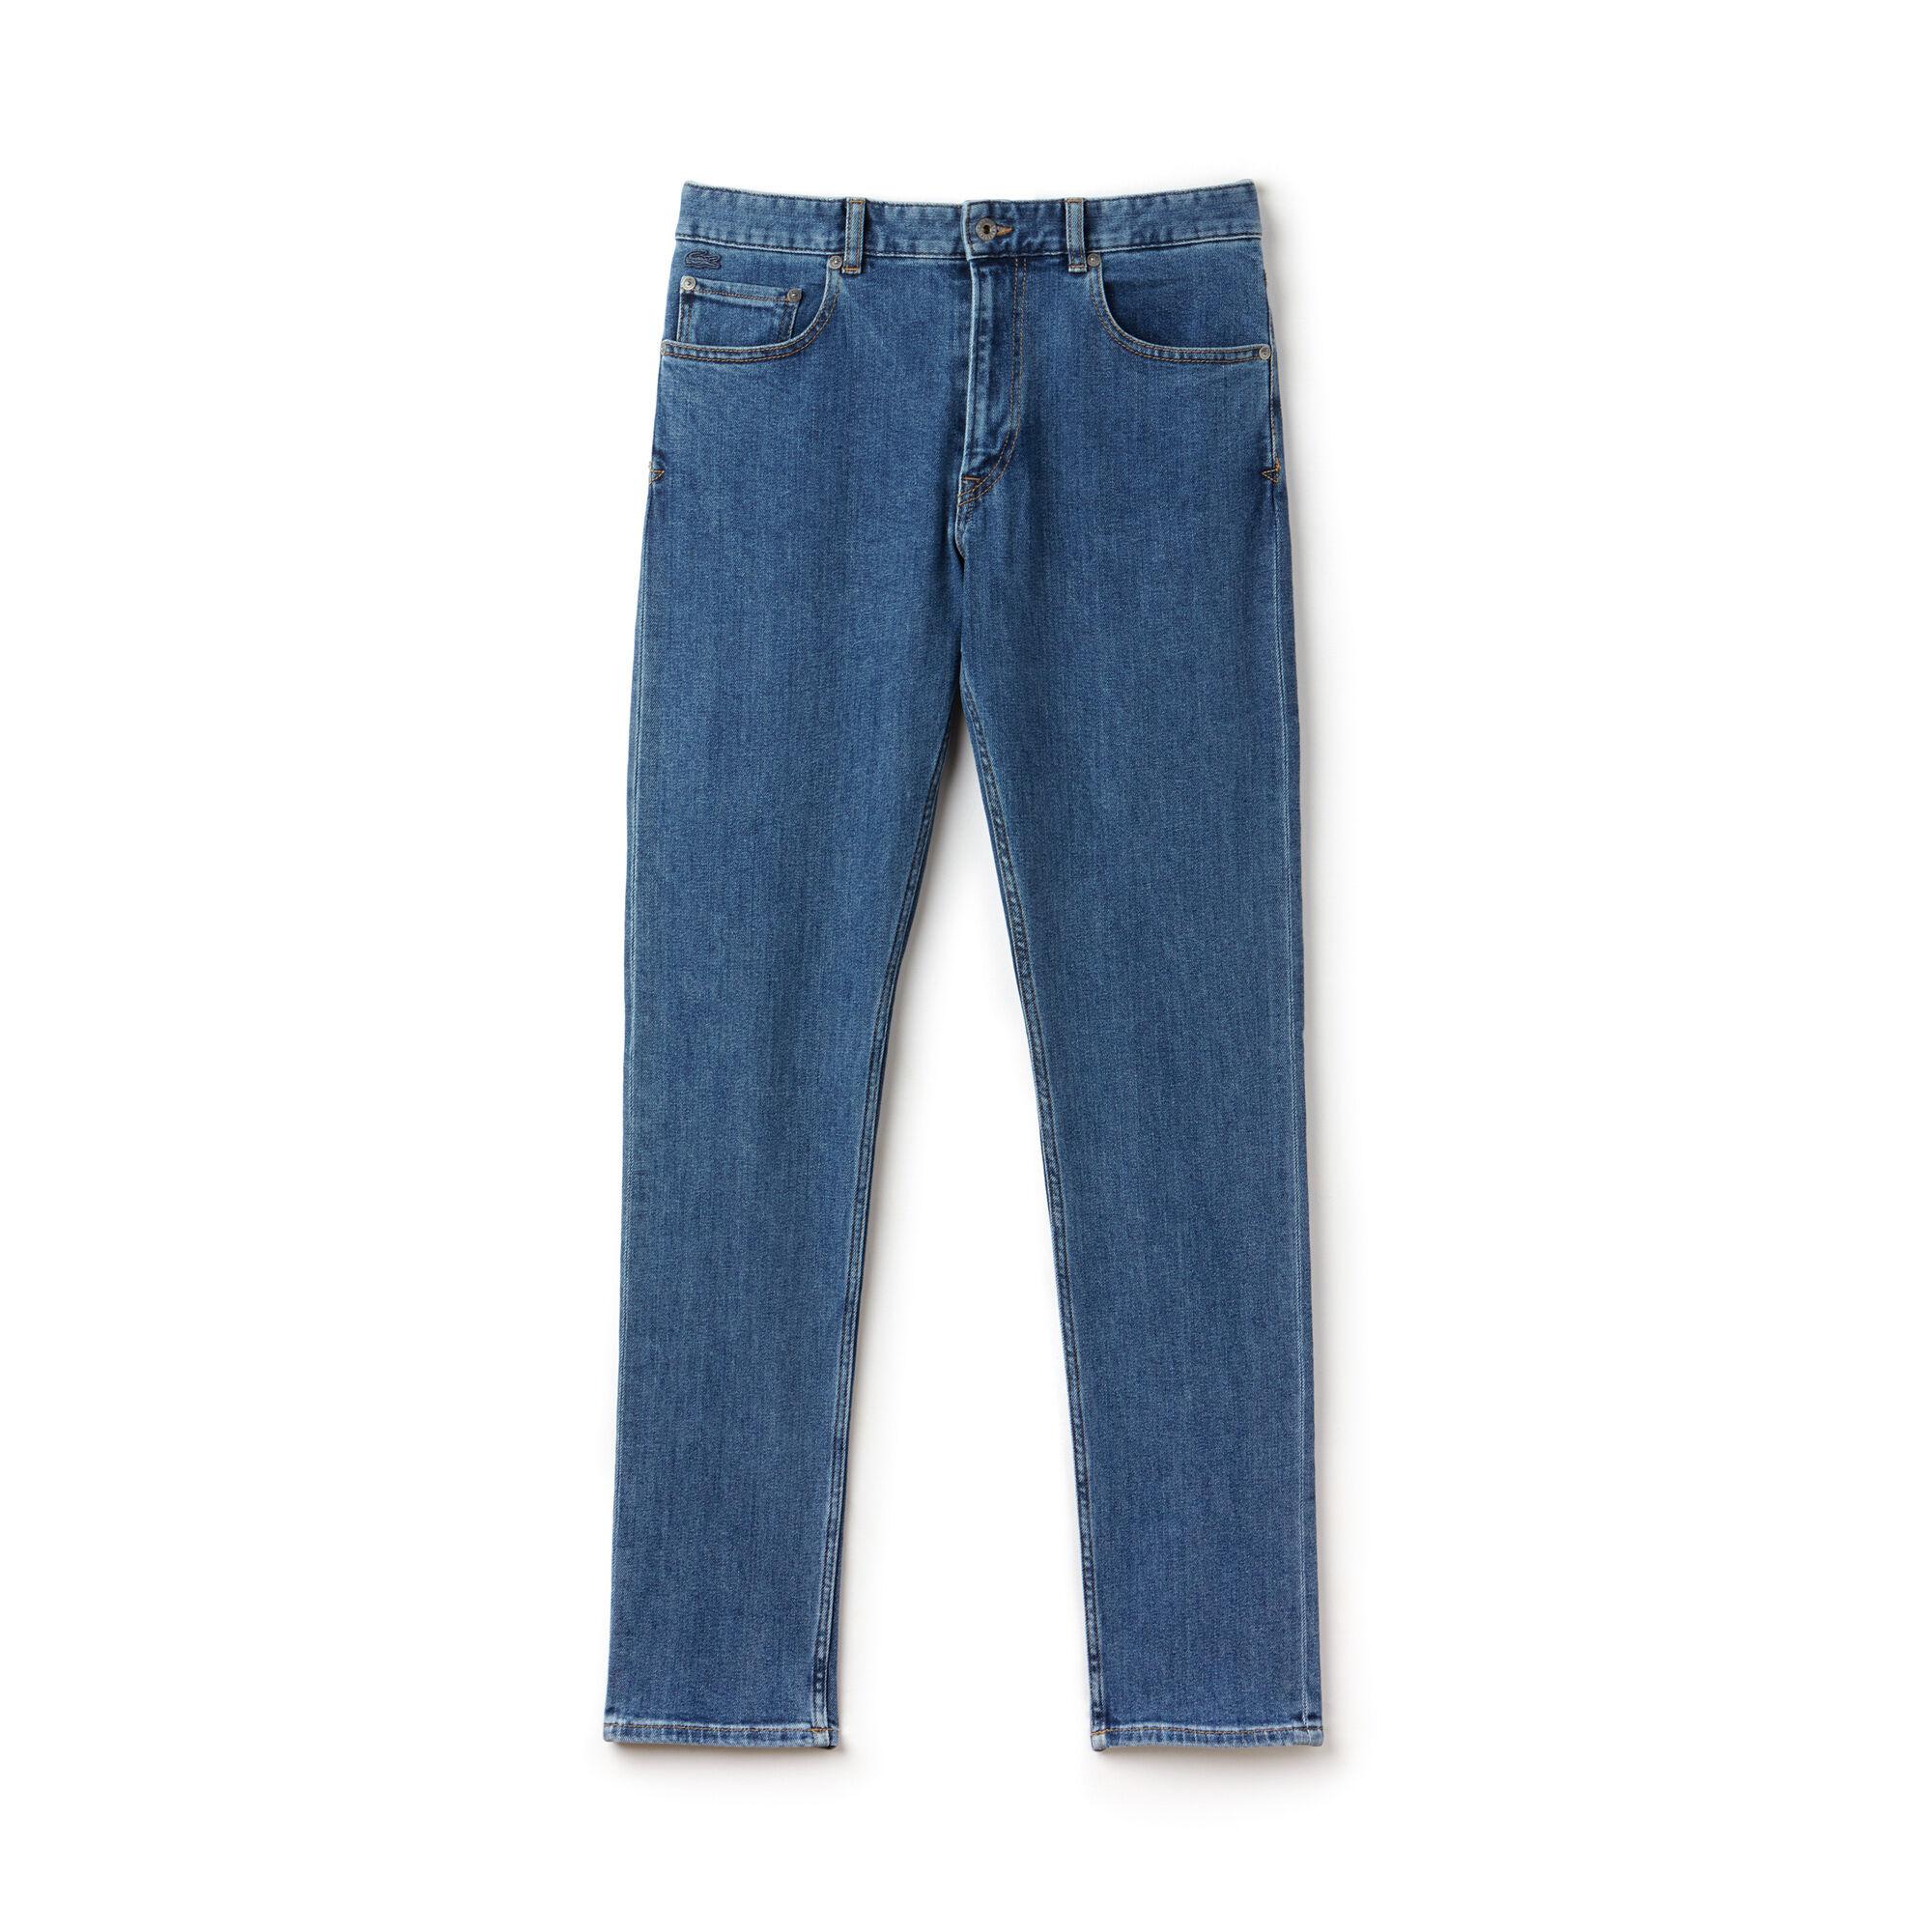 Men's Slim Fit 5 Pocket Denim Jeans